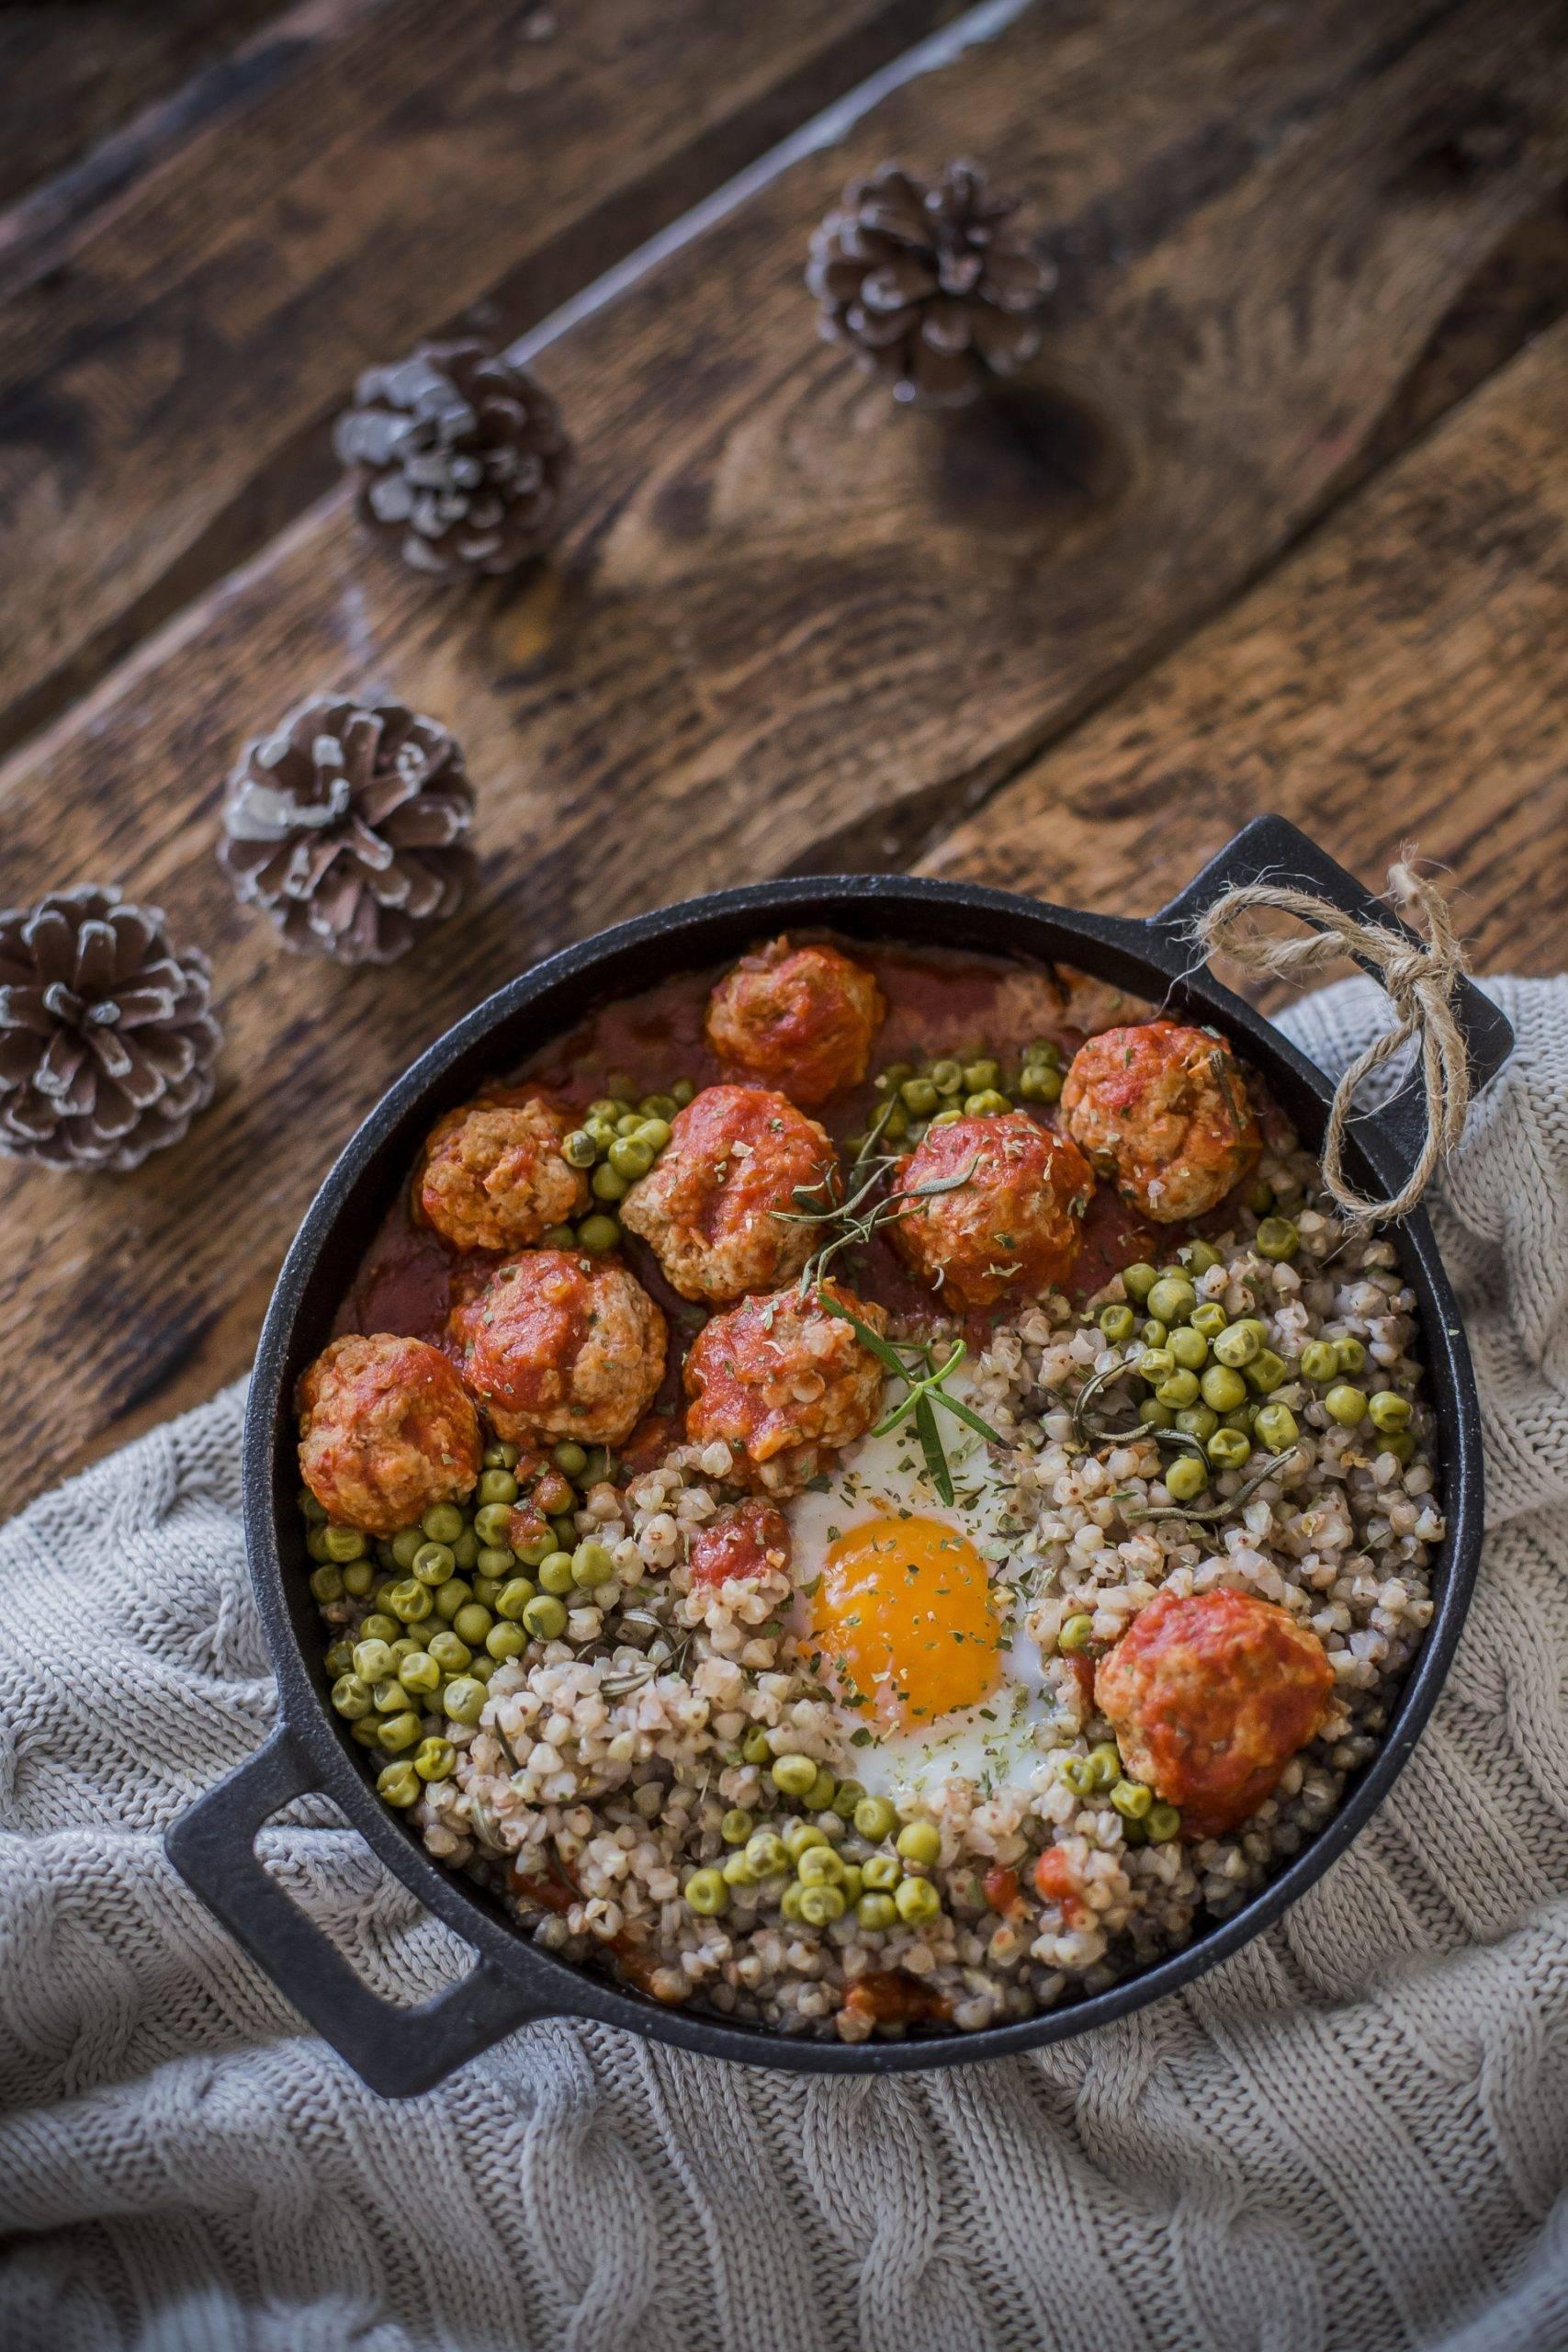 Pulpety w pomidorach z kaszą gryczaną, groszkiem i jajkiem - przepis Agnieszki Żelazko.